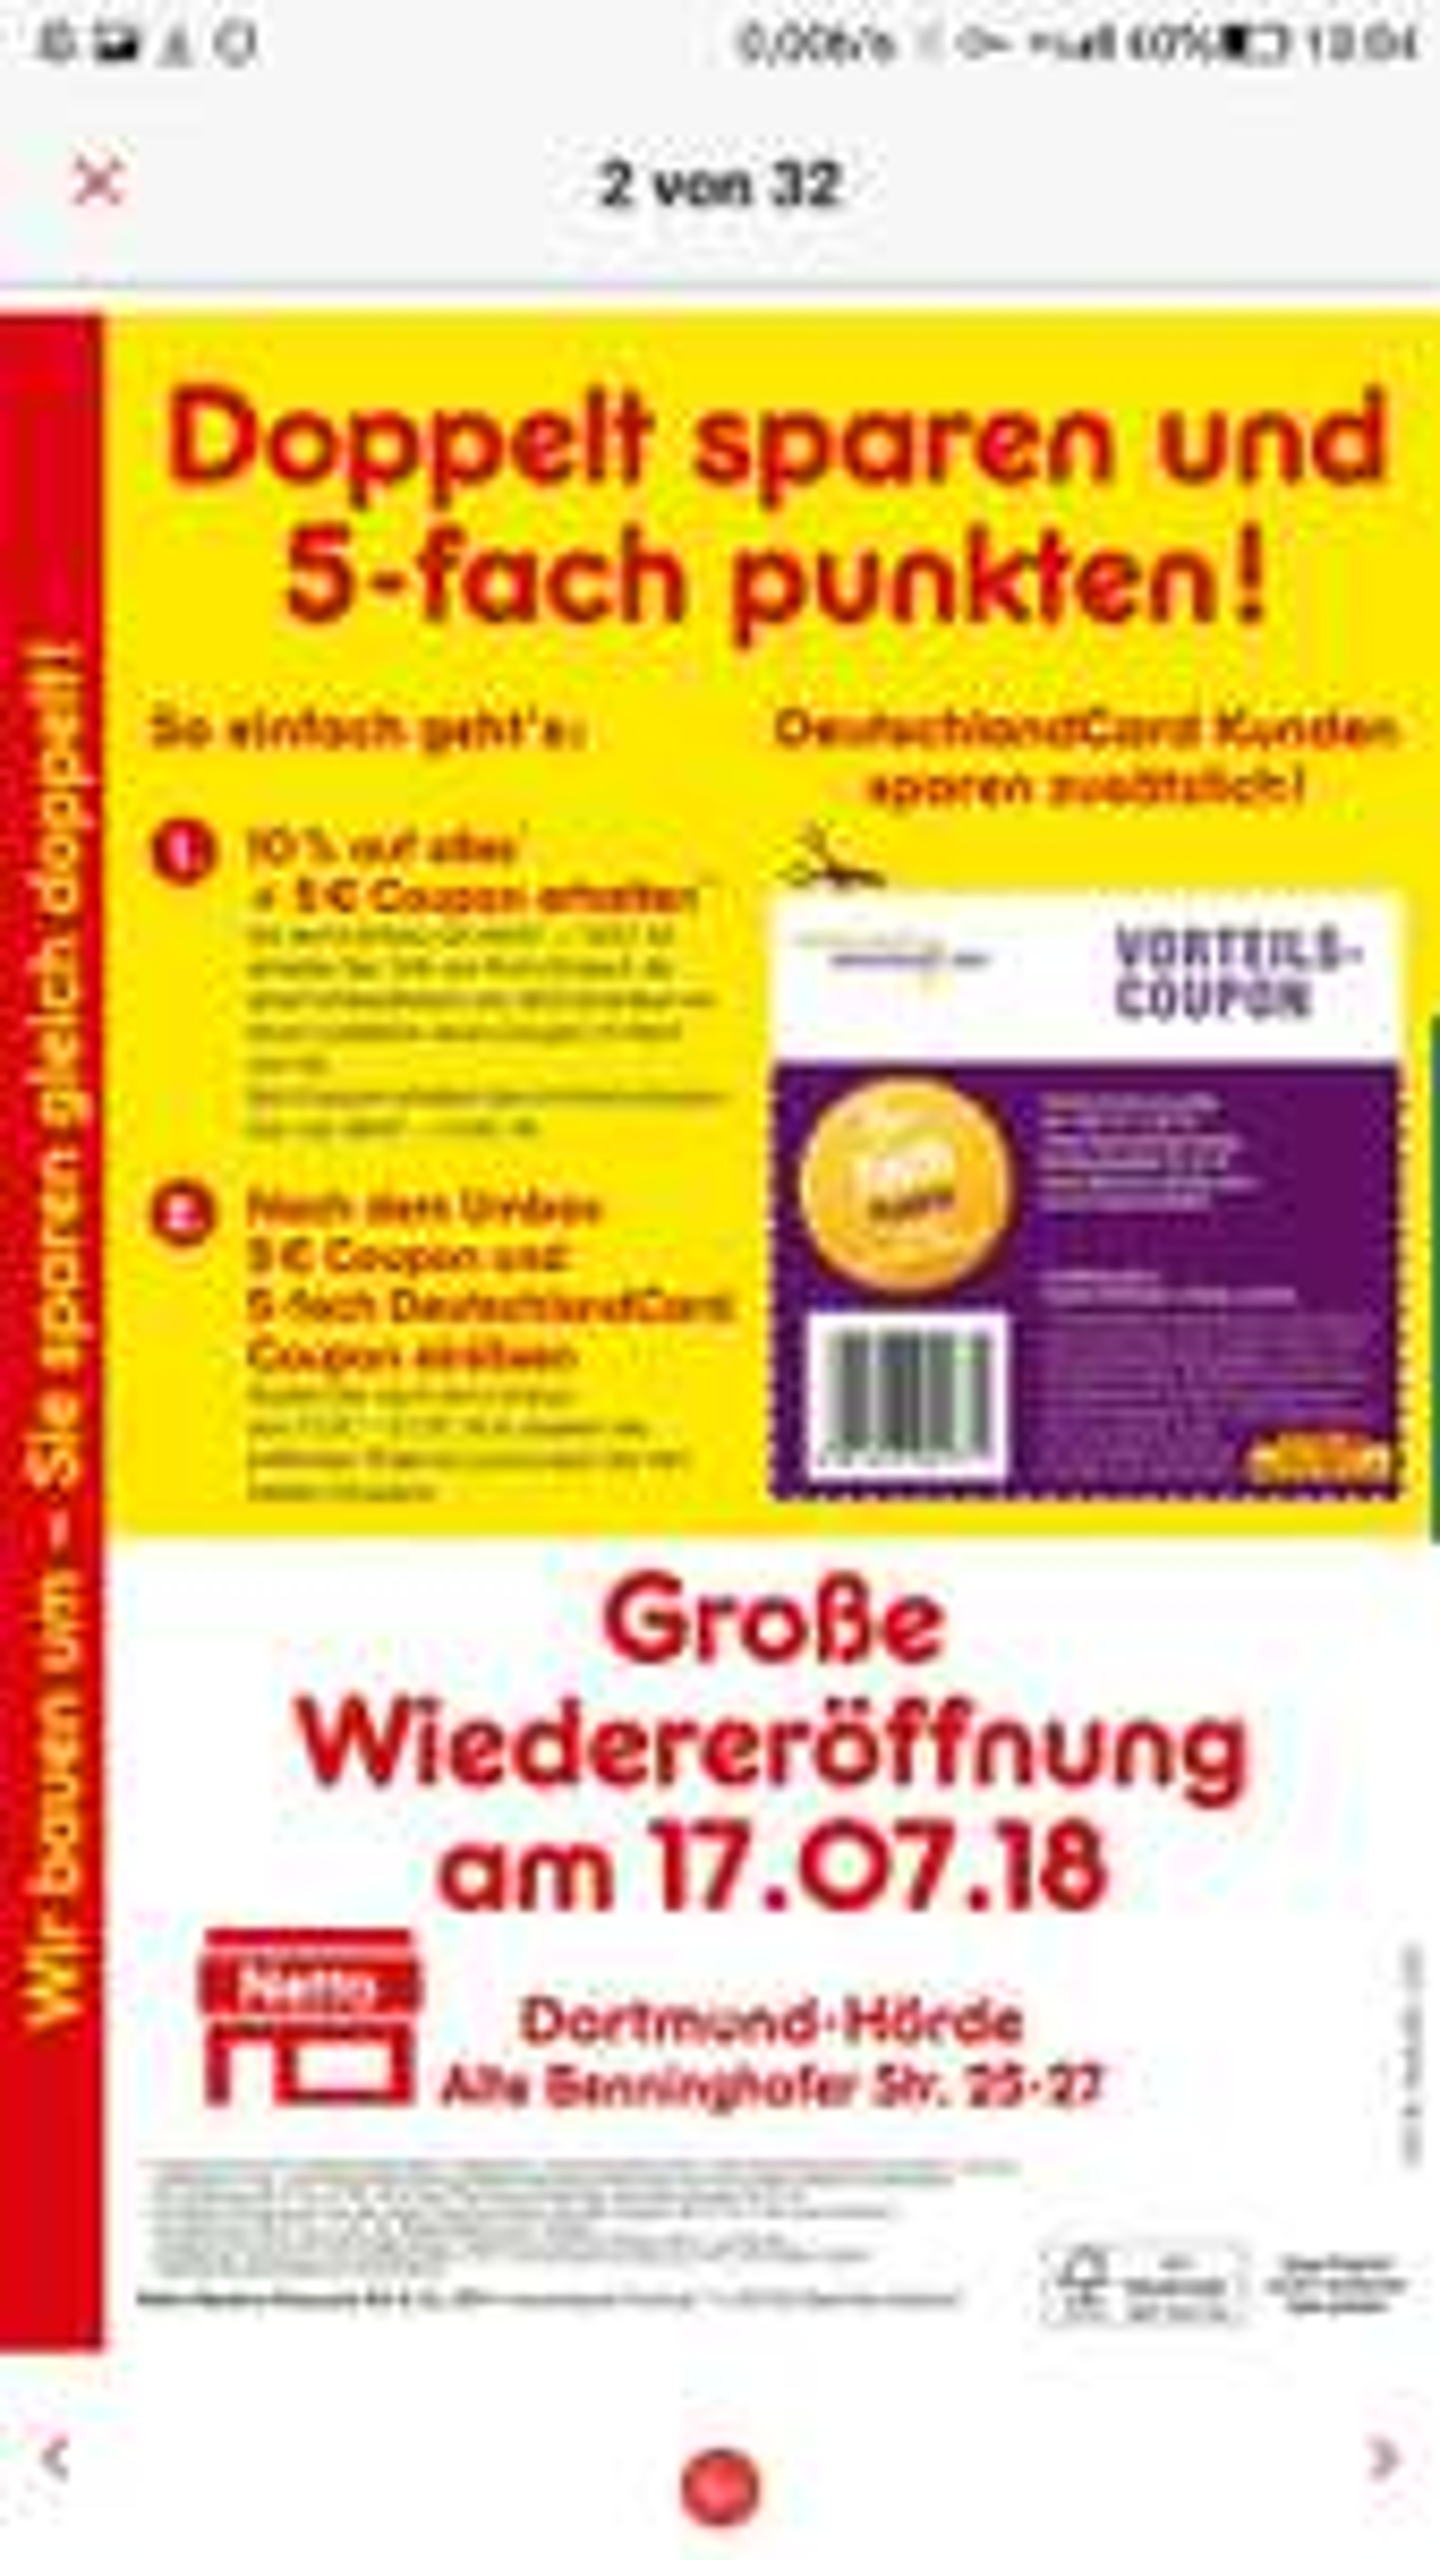 [Lokal] Netto Dortmund Hörde - [Update: 17.07-21.07 10% auf Alles] 9.+10.07 10% auf Alles +5€ Rabatt(Mindesteinkauf 5€) ab Einkauf von 20€